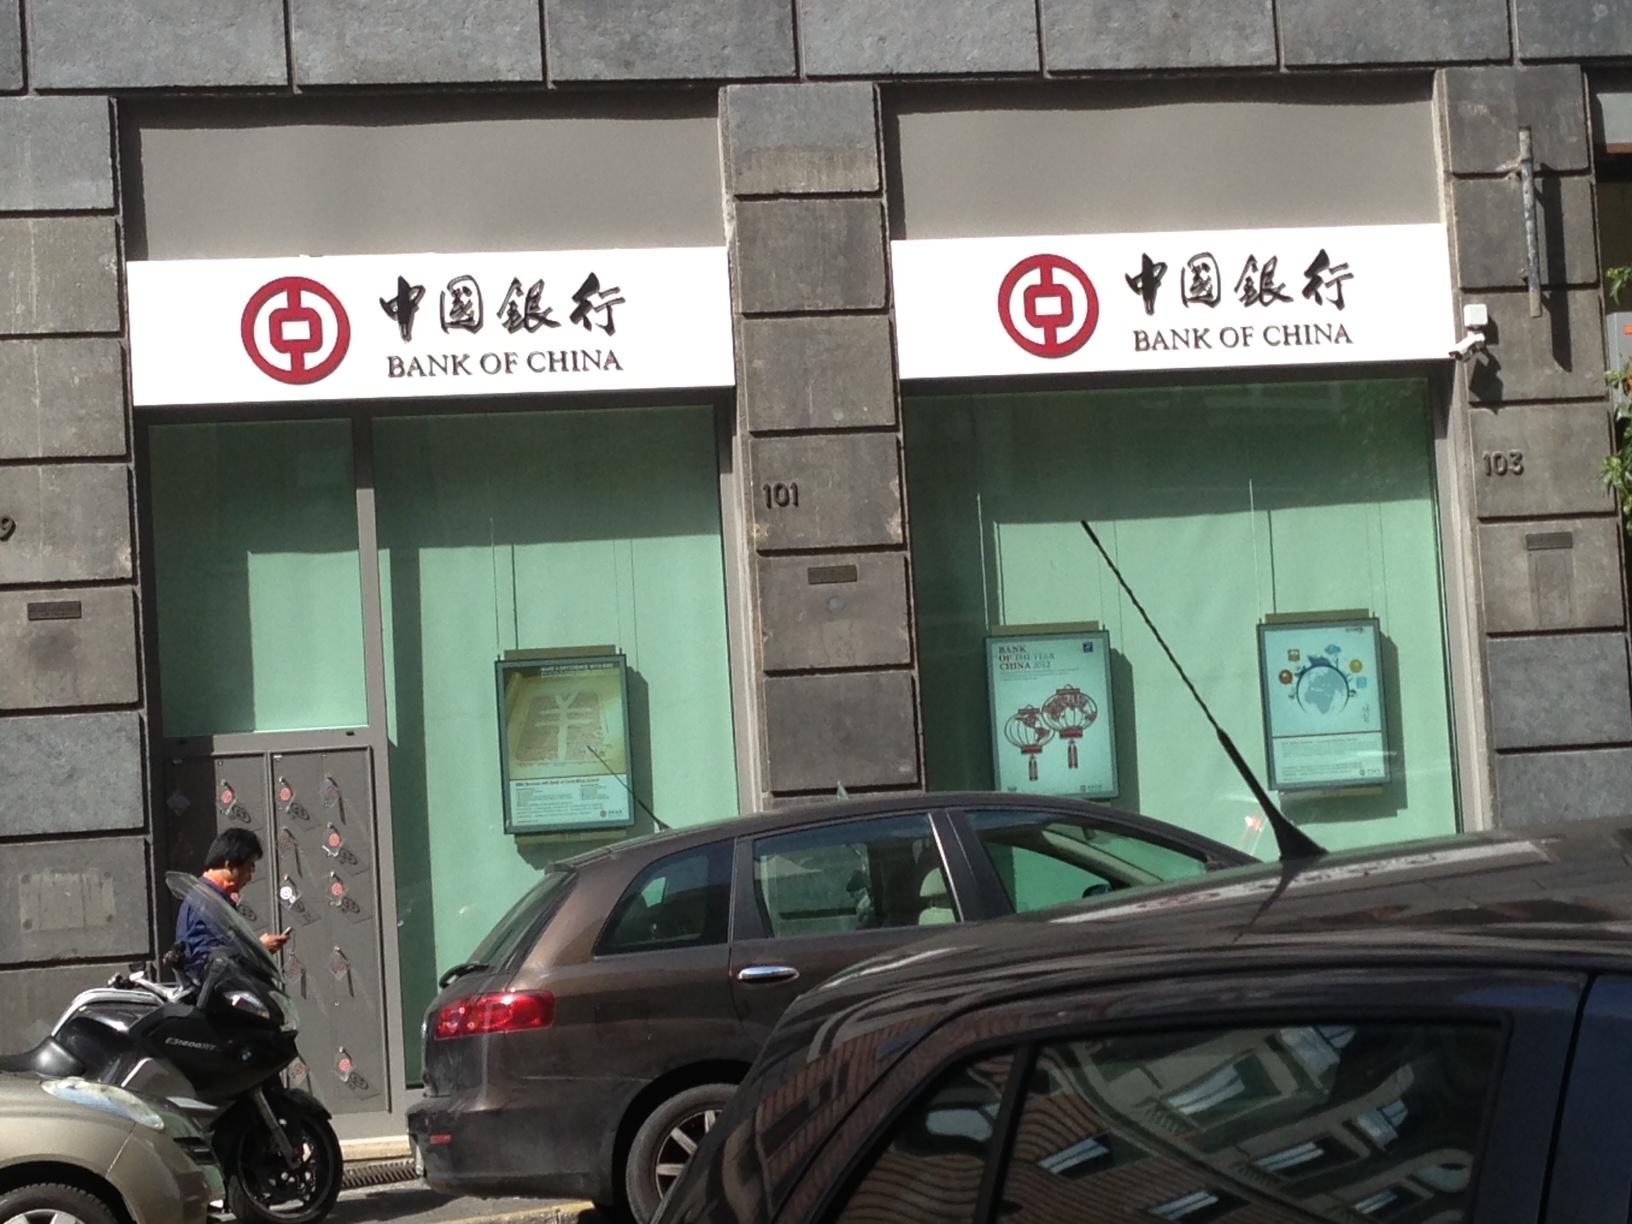 Benvenuti nella prima filiale a Roma di Bank of China